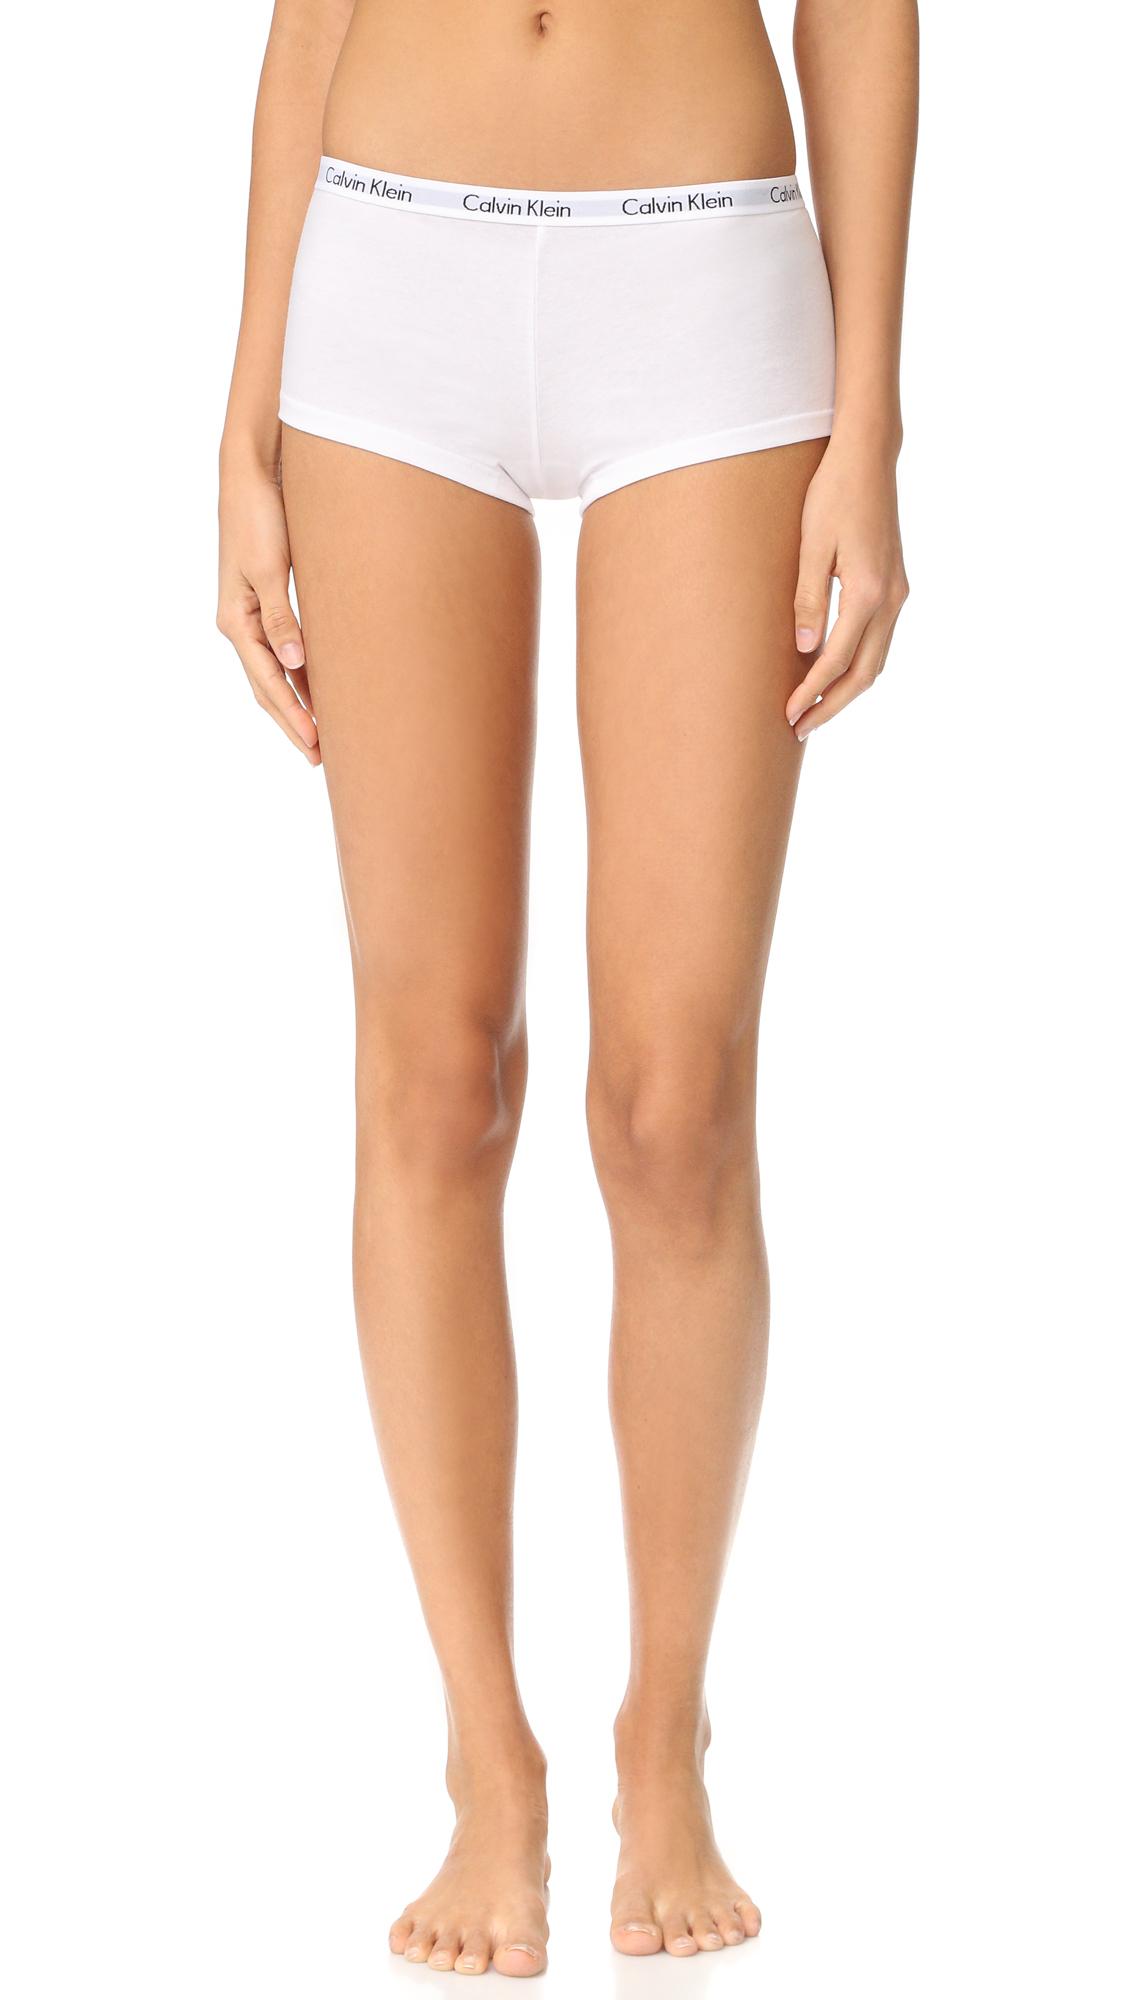 Calvin Klein Underwear Carousel 3 Pack Boyshorts  e3d1de9a109